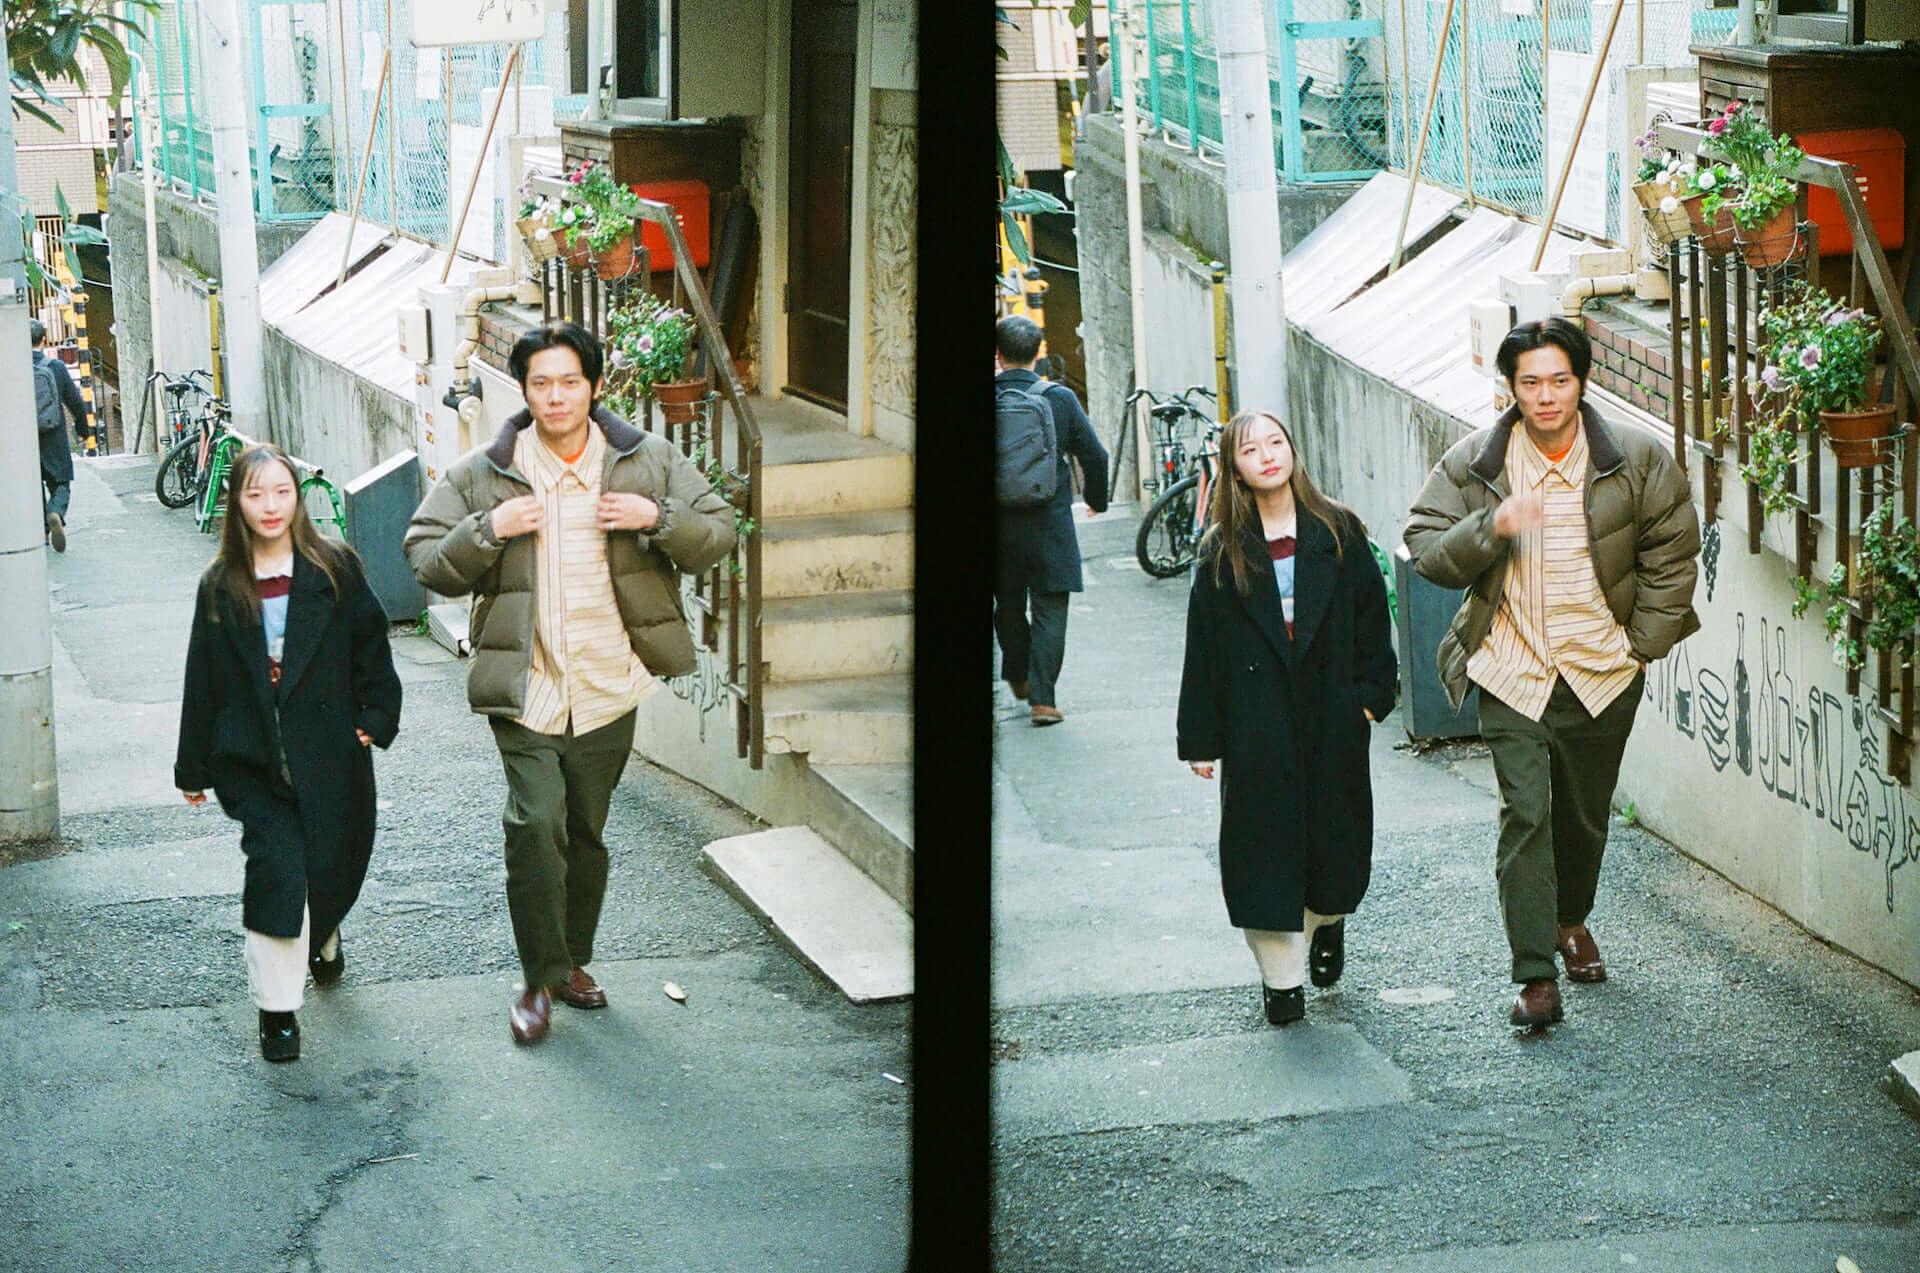 珠 鈴×松㟢翔平 台湾でどこ行く なに食べる?好好台湾対談 interview_shuri_matsuaki_16-1920x1273